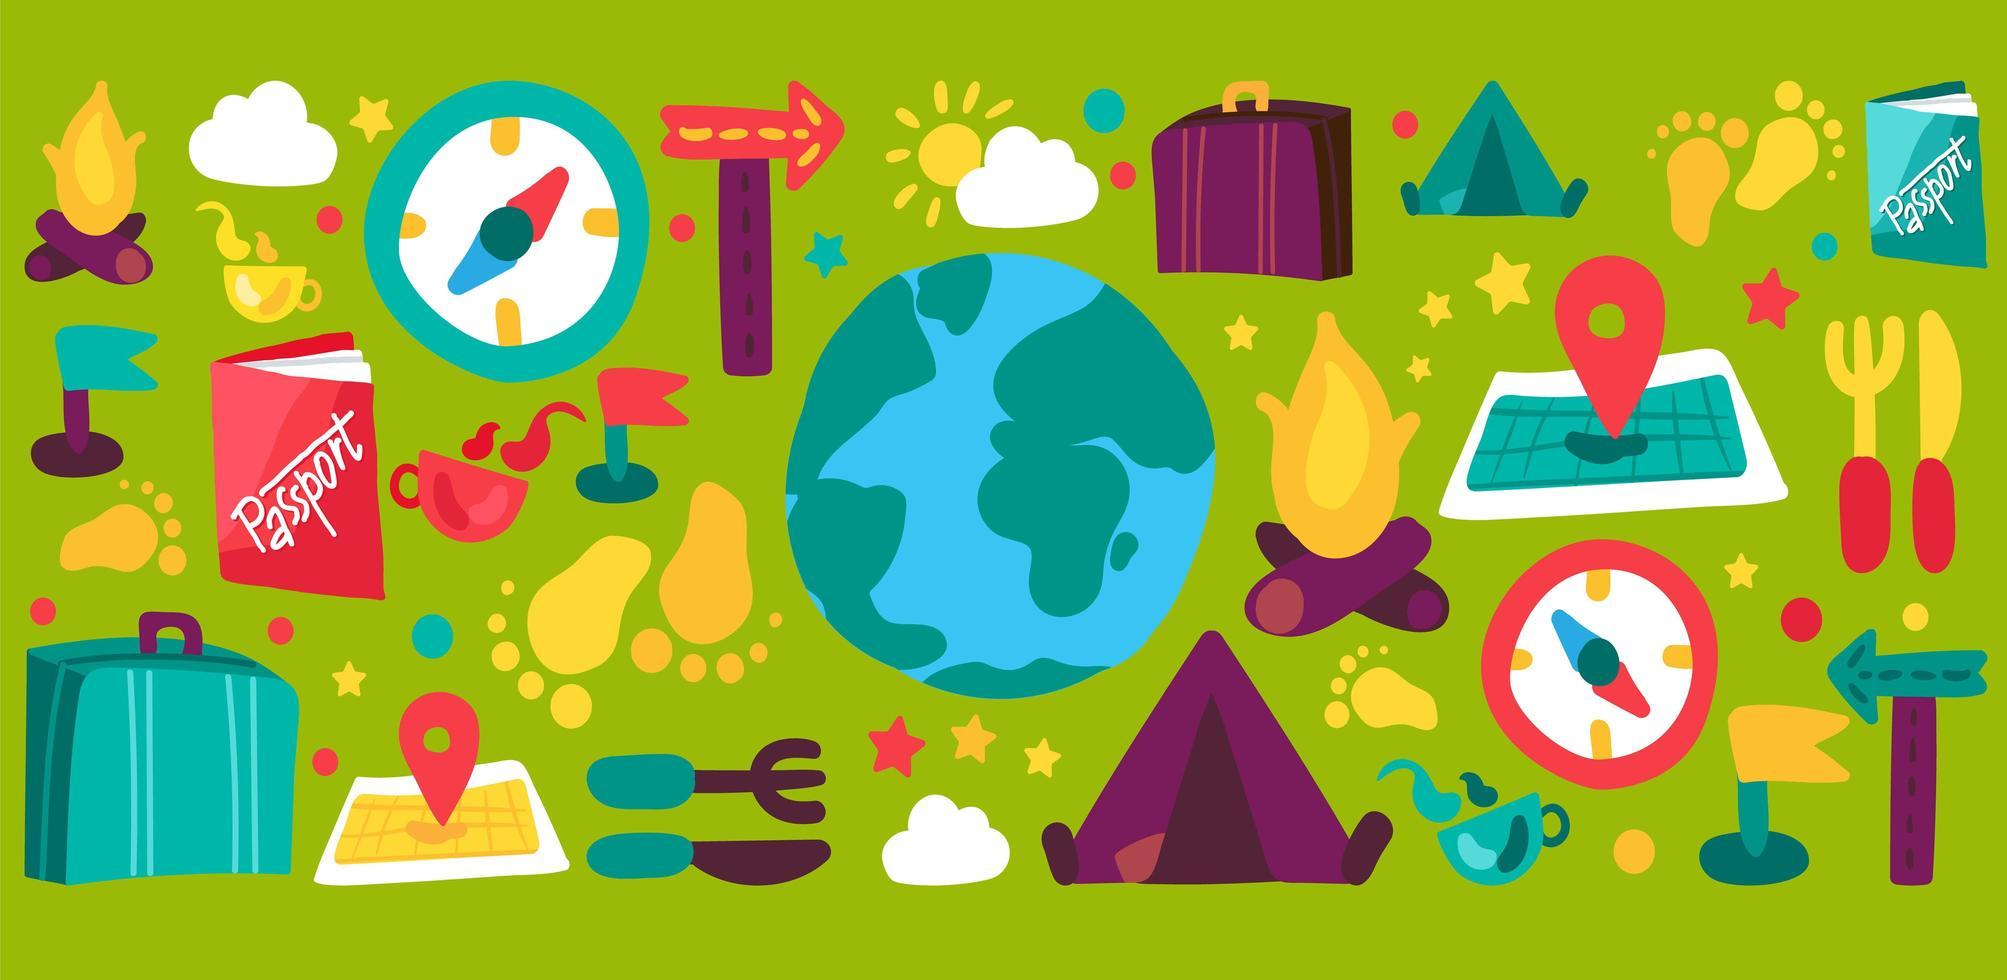 turismo e viagens conjunto de ilustrações desenhadas à mão vetor